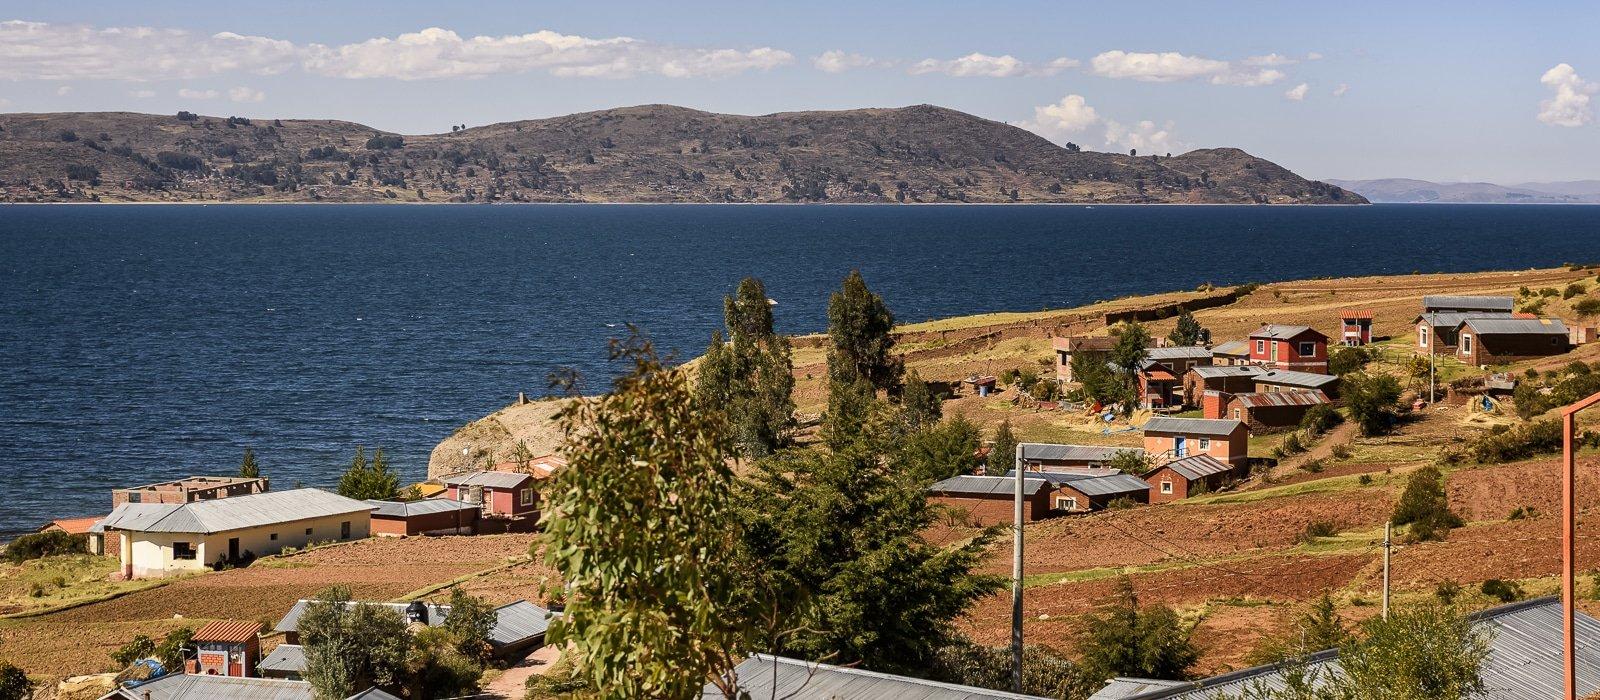 Séjour chez l'habitant à Luquina, lac titicaca, Pérou - Voyage organisé en petit groupe offert par l'agence de voyage Les routes du Monde